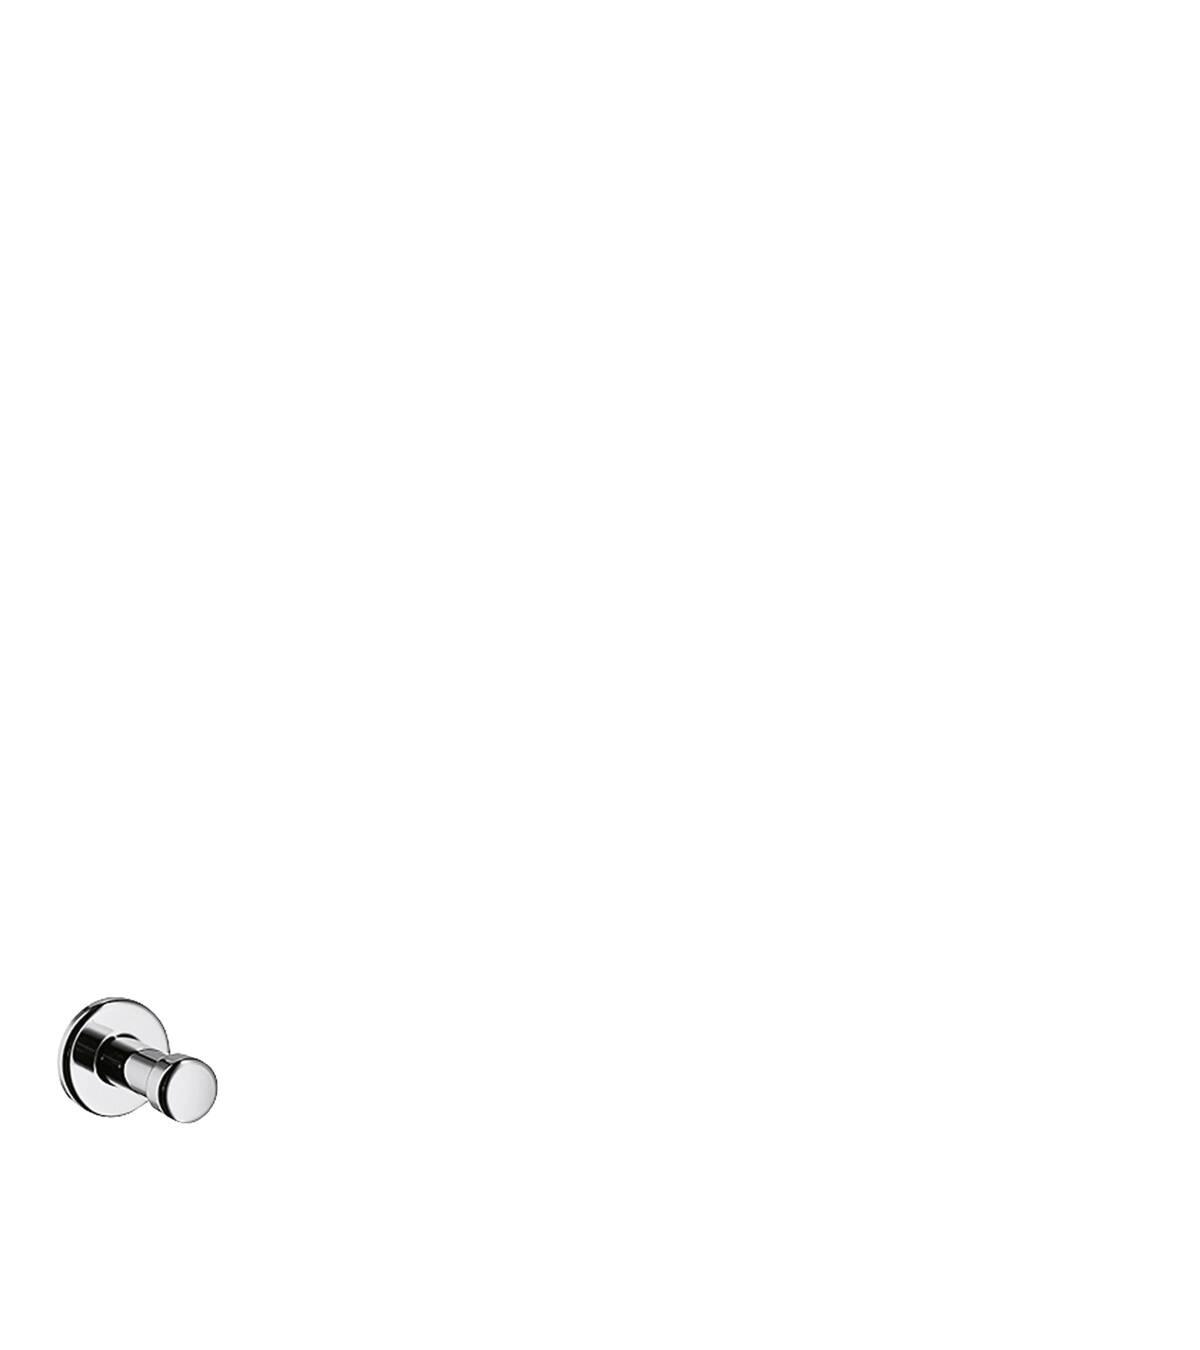 Single hook, Chrome, 41537000